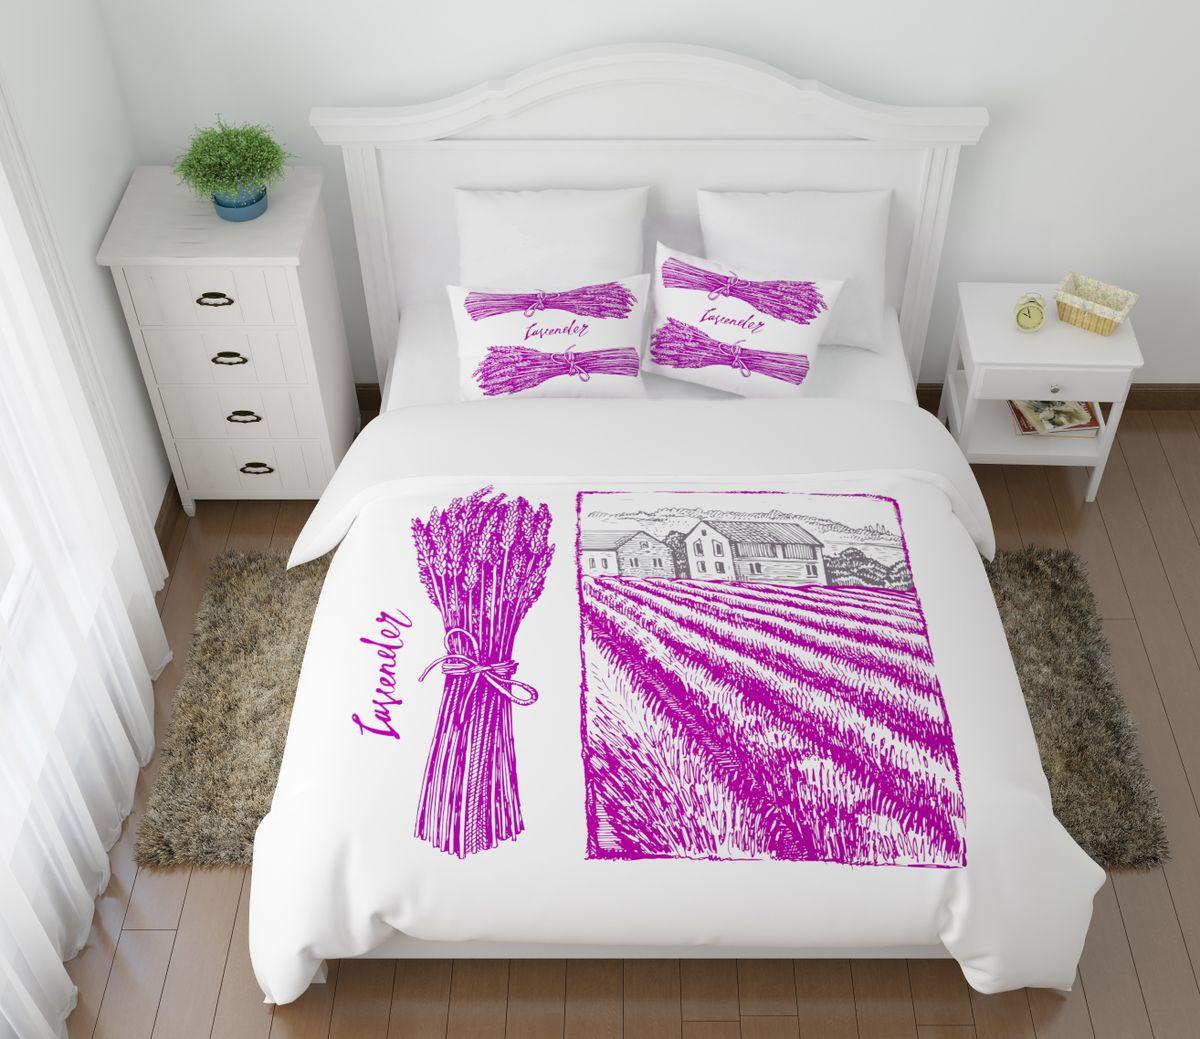 Комплект белья Сирень Лавандовый прованс, 2-спальный, наволочки 50х7008621-КПБ2-МКомплект постельного белья Сирень выполнен из прочной и мягкой ткани. Четкий и стильный рисунок в сочетании с насыщенными красками делают комплект постельного белья неповторимой изюминкой любого интерьера.Постельное белье идеально подойдет для подарка. Идеальное соотношение смешенной ткани и гипоаллергенных красок - это гарантия здорового, спокойного сна. Ткань хорошо впитывает влагу, надолго сохраняет яркость красок.В комплект входят: простынь, пододеяльник, две наволочки. Постельное белье легко стирать при 30-40°С, гладить при 150°С, не отбеливать. Рекомендуется перед первым использованием постирать.УВАЖАЕМЫЕ КЛИЕНТЫ! Обращаем ваше внимание, что цвет простыни, пододеяльника, наволочки в комплектации может немного отличаться от представленного на фото.